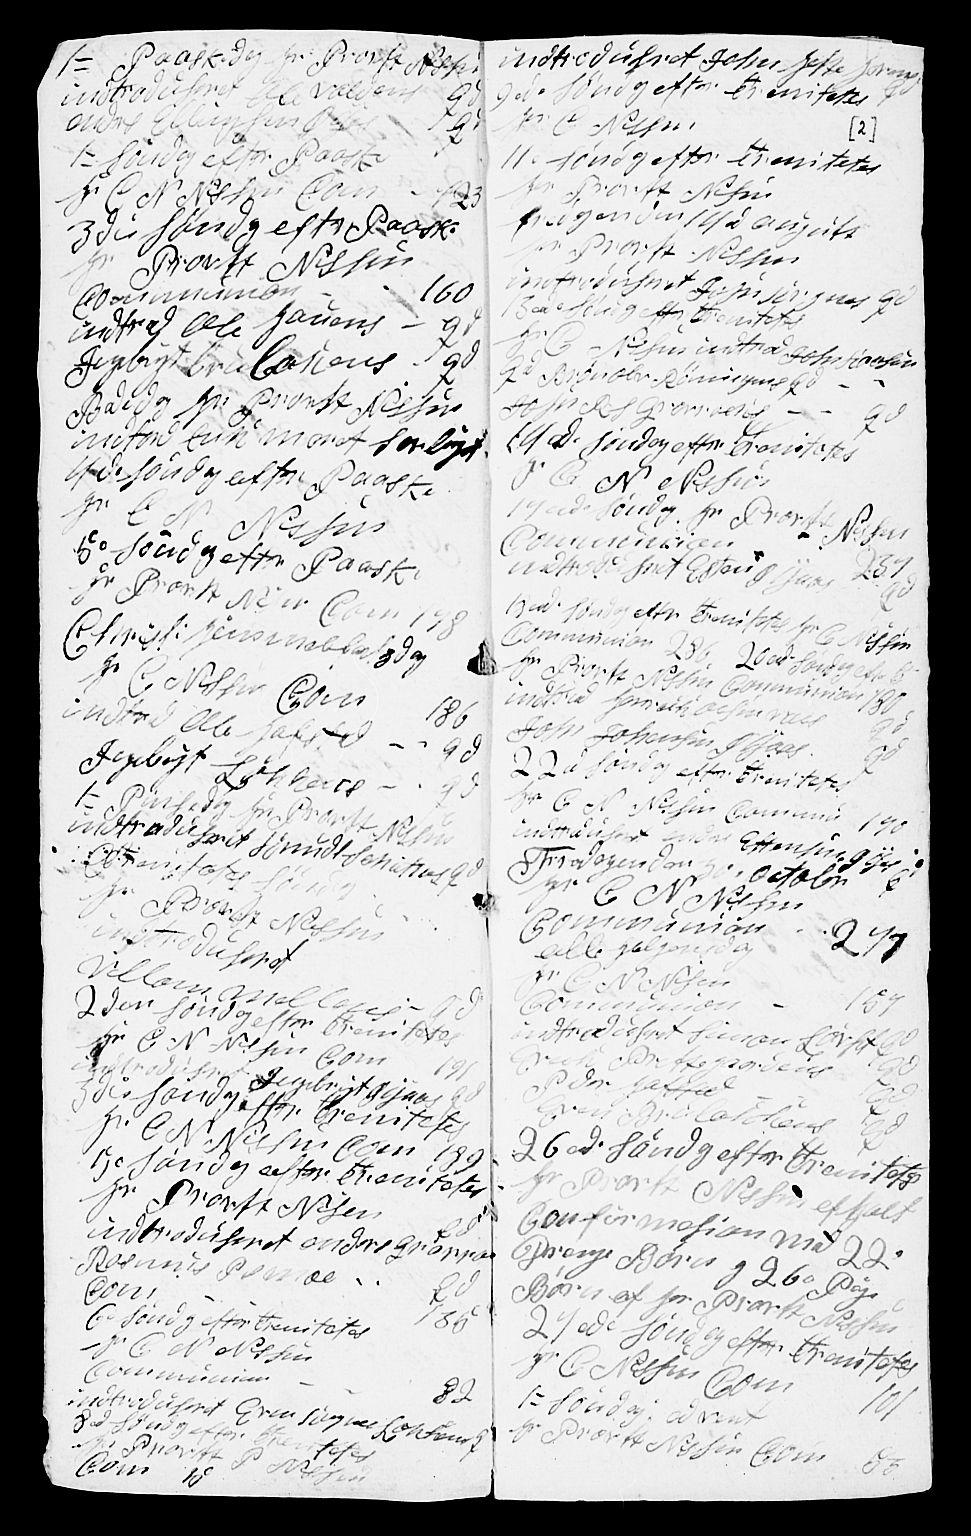 SAT, Ministerialprotokoller, klokkerbøker og fødselsregistre - Sør-Trøndelag, 691/L1091: Klokkerbok nr. 691C02, 1802-1815, s. 2